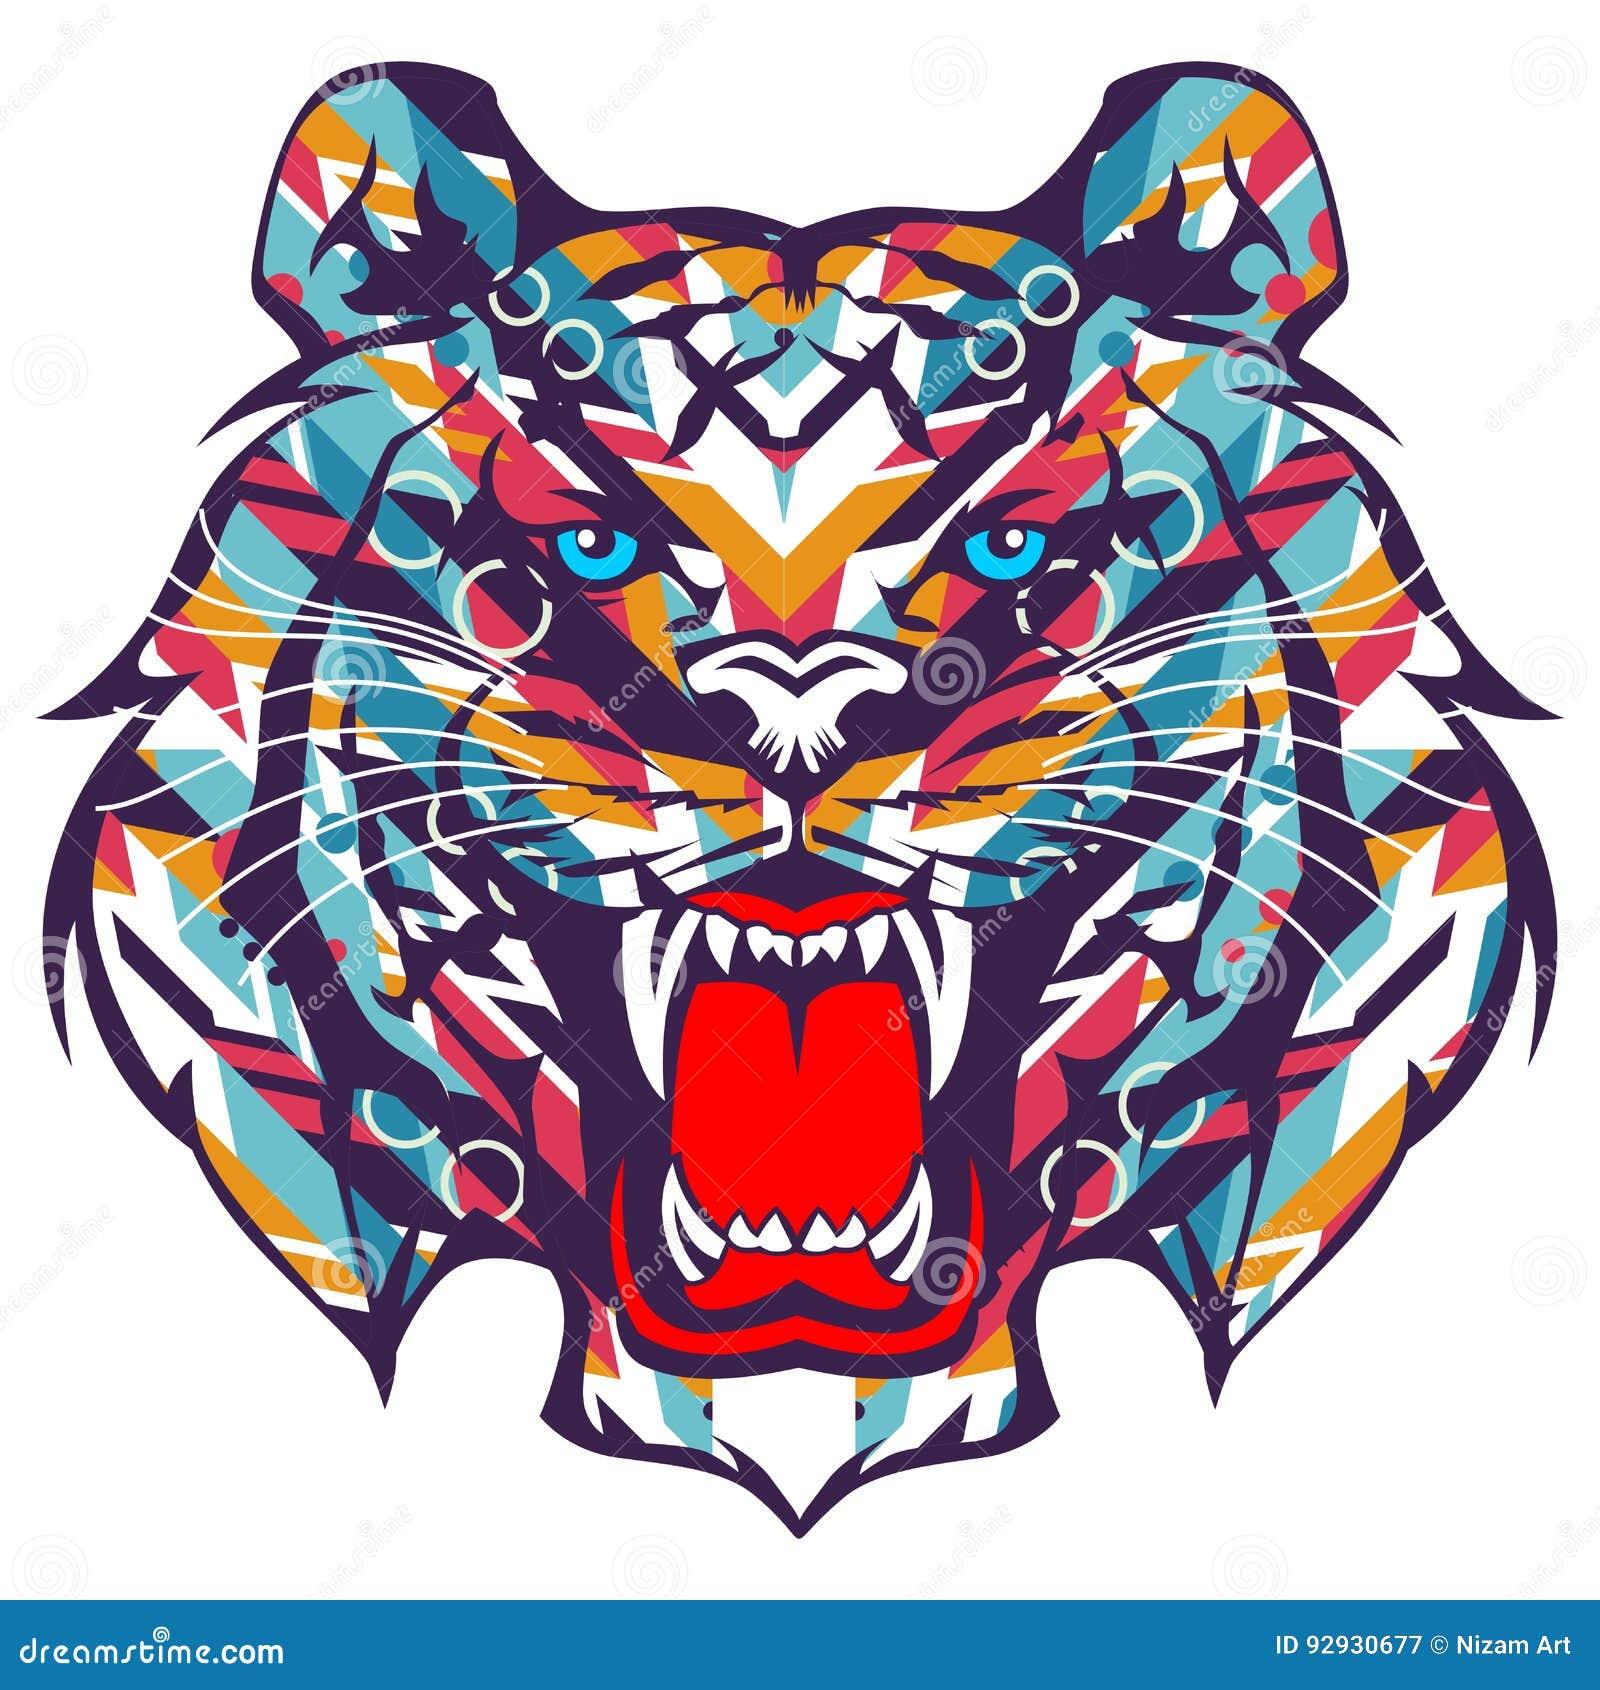 Tiger Graffiti Vector Stock Vector Illustration Of Cool 92930677